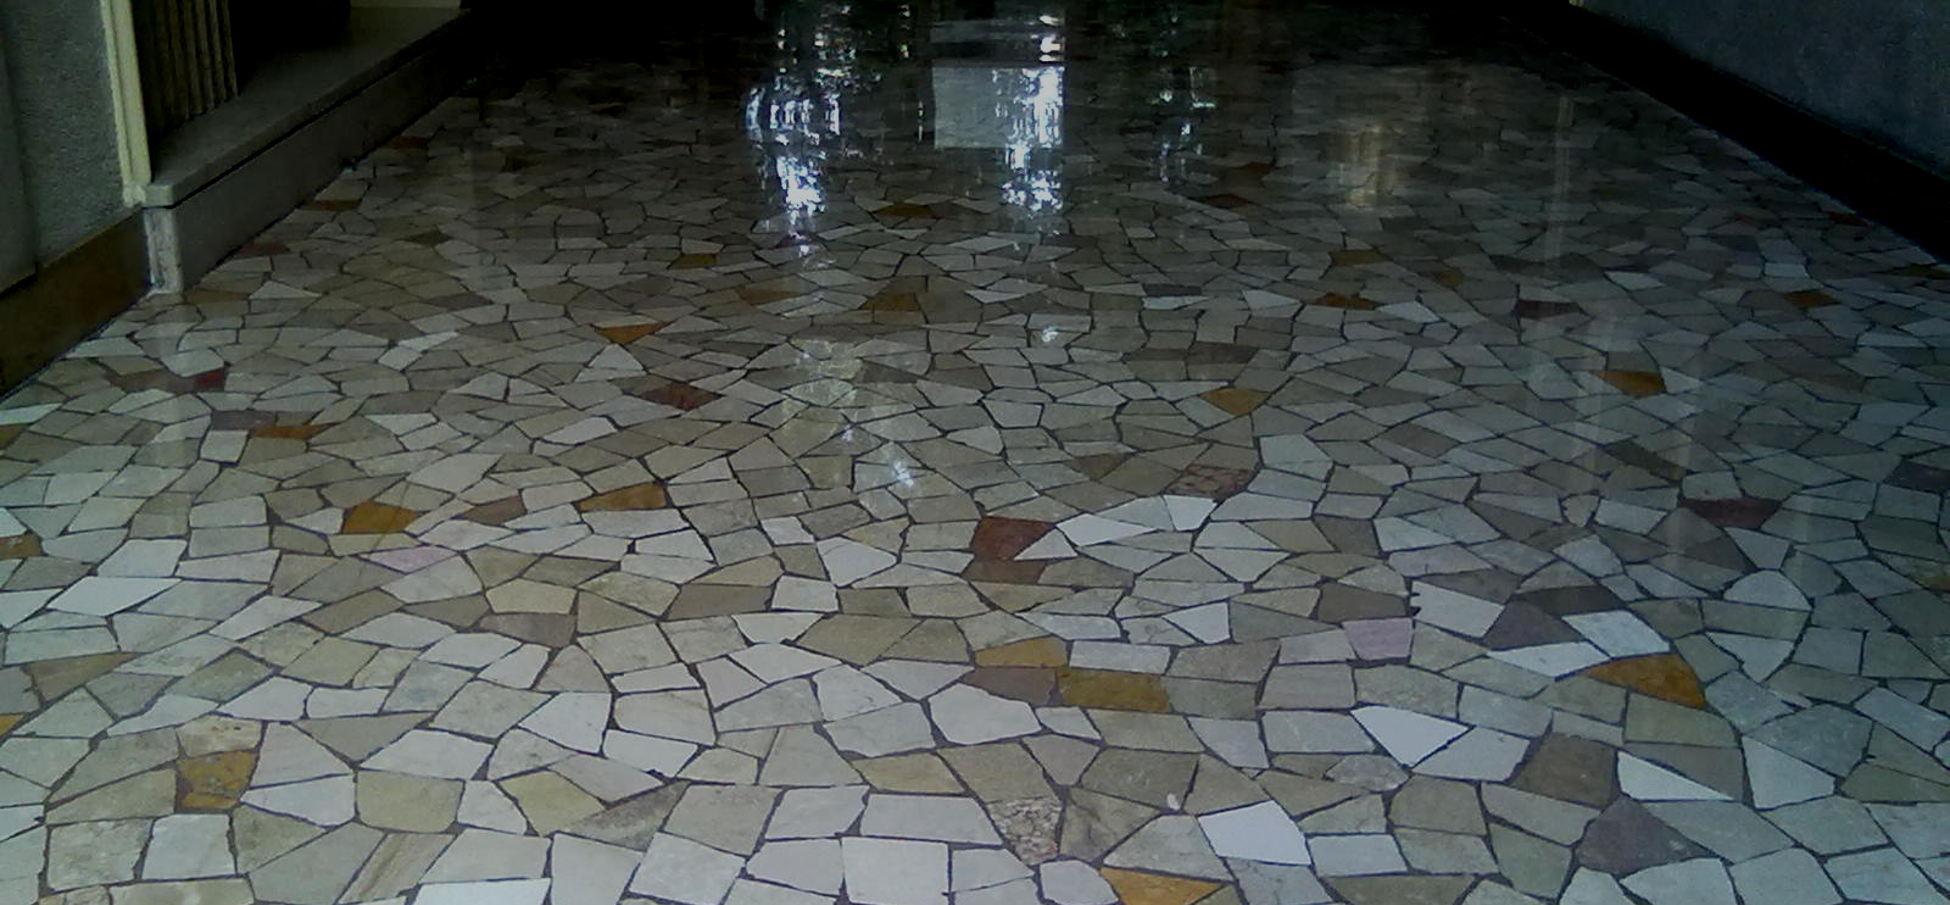 Pavimento In Terrazzo Alla Veneziana dolmamarmiemosaici.it* levigatura marmo milano e pavimenti